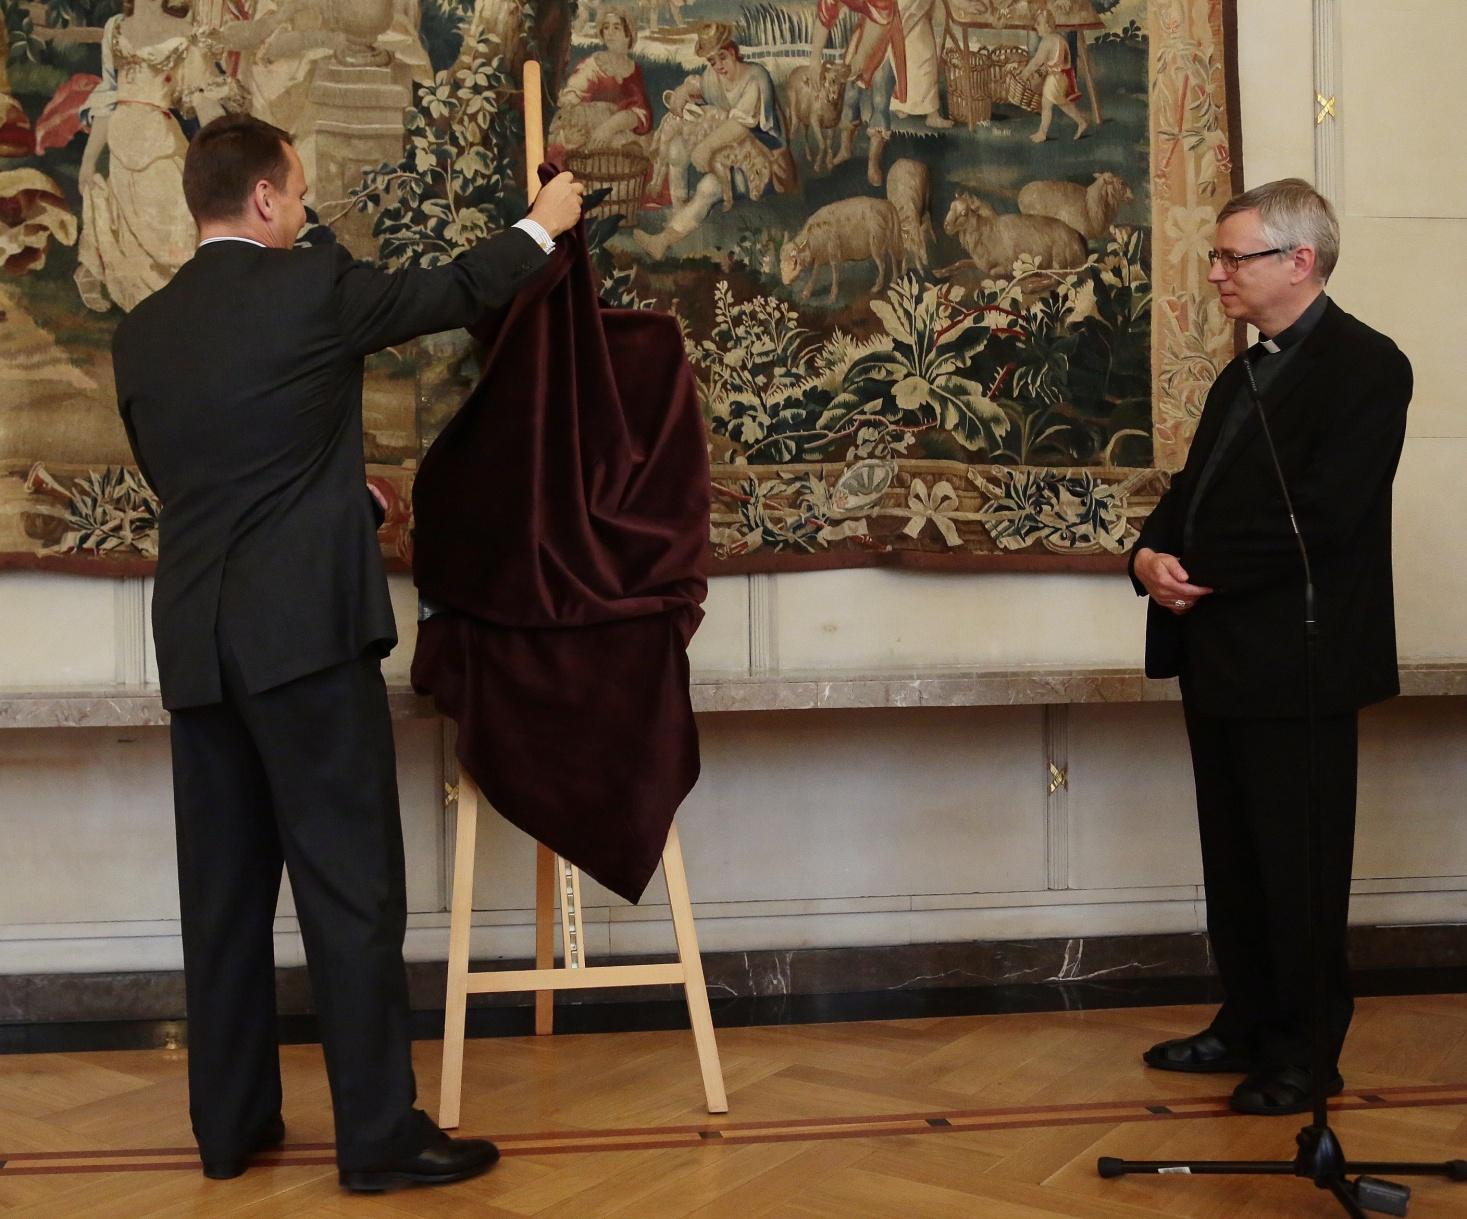 27 lipca 2012 roku Minister Spraw Zagranicznych, Radosław Sikorski przekazujeMadonnę pod jodłami biskupowi prof. Andrzejowi Siemieniewskiemu i archikatedrze wrocławskiej / fot. PAP.